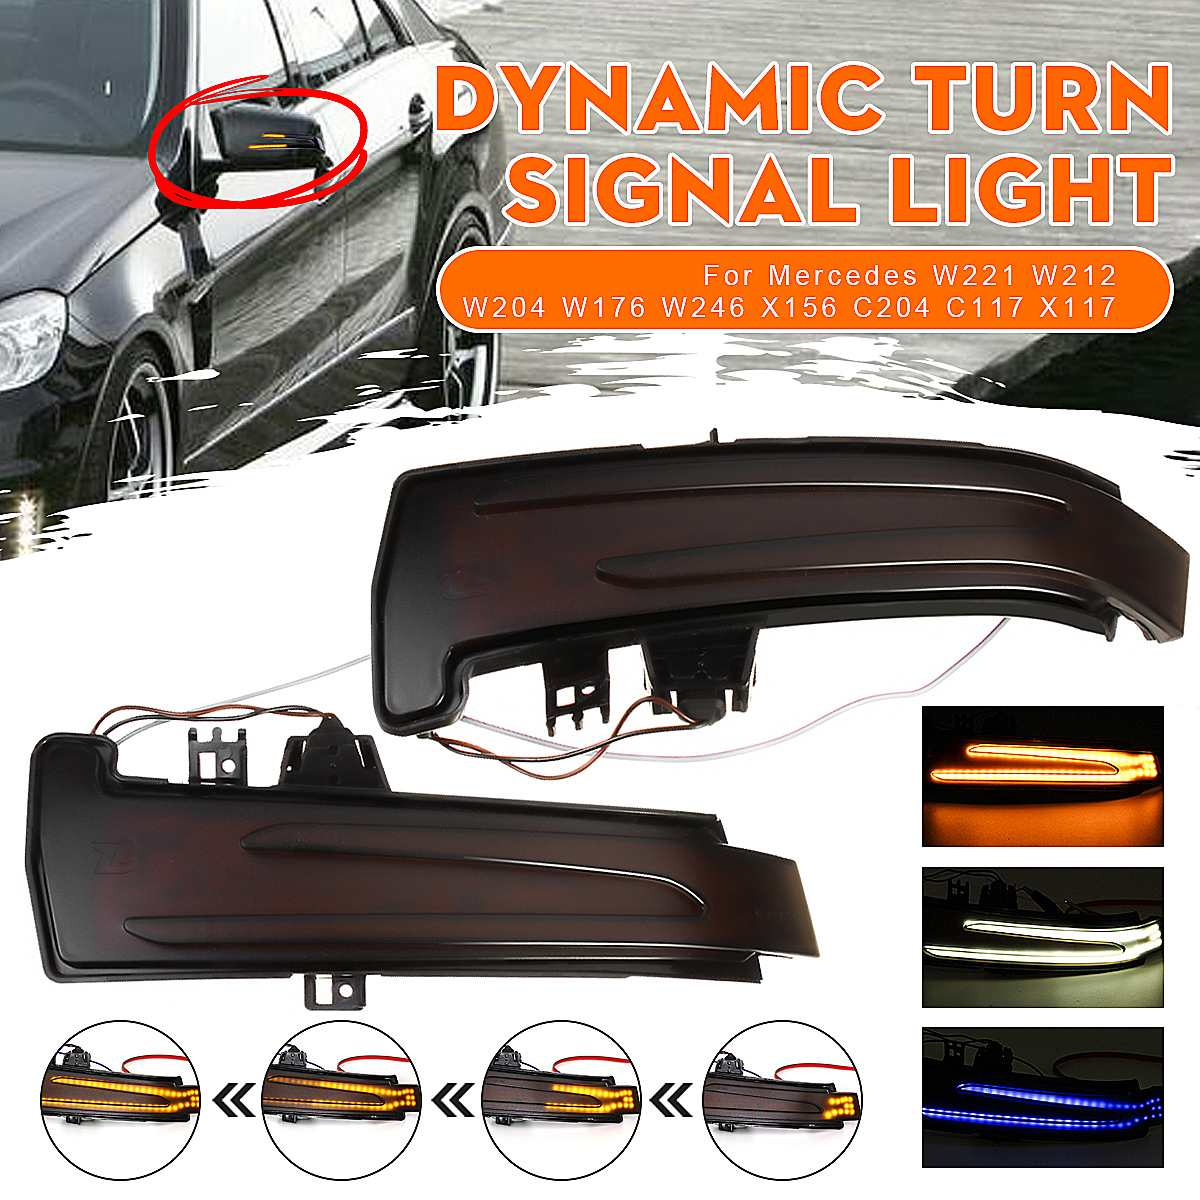 Luz sinal de seta dinâmica de led, 2 peças, indicador de espelho, luz de espelho, para mercedes benz w211, w246, w204, w212, c117, x156, c204 x117